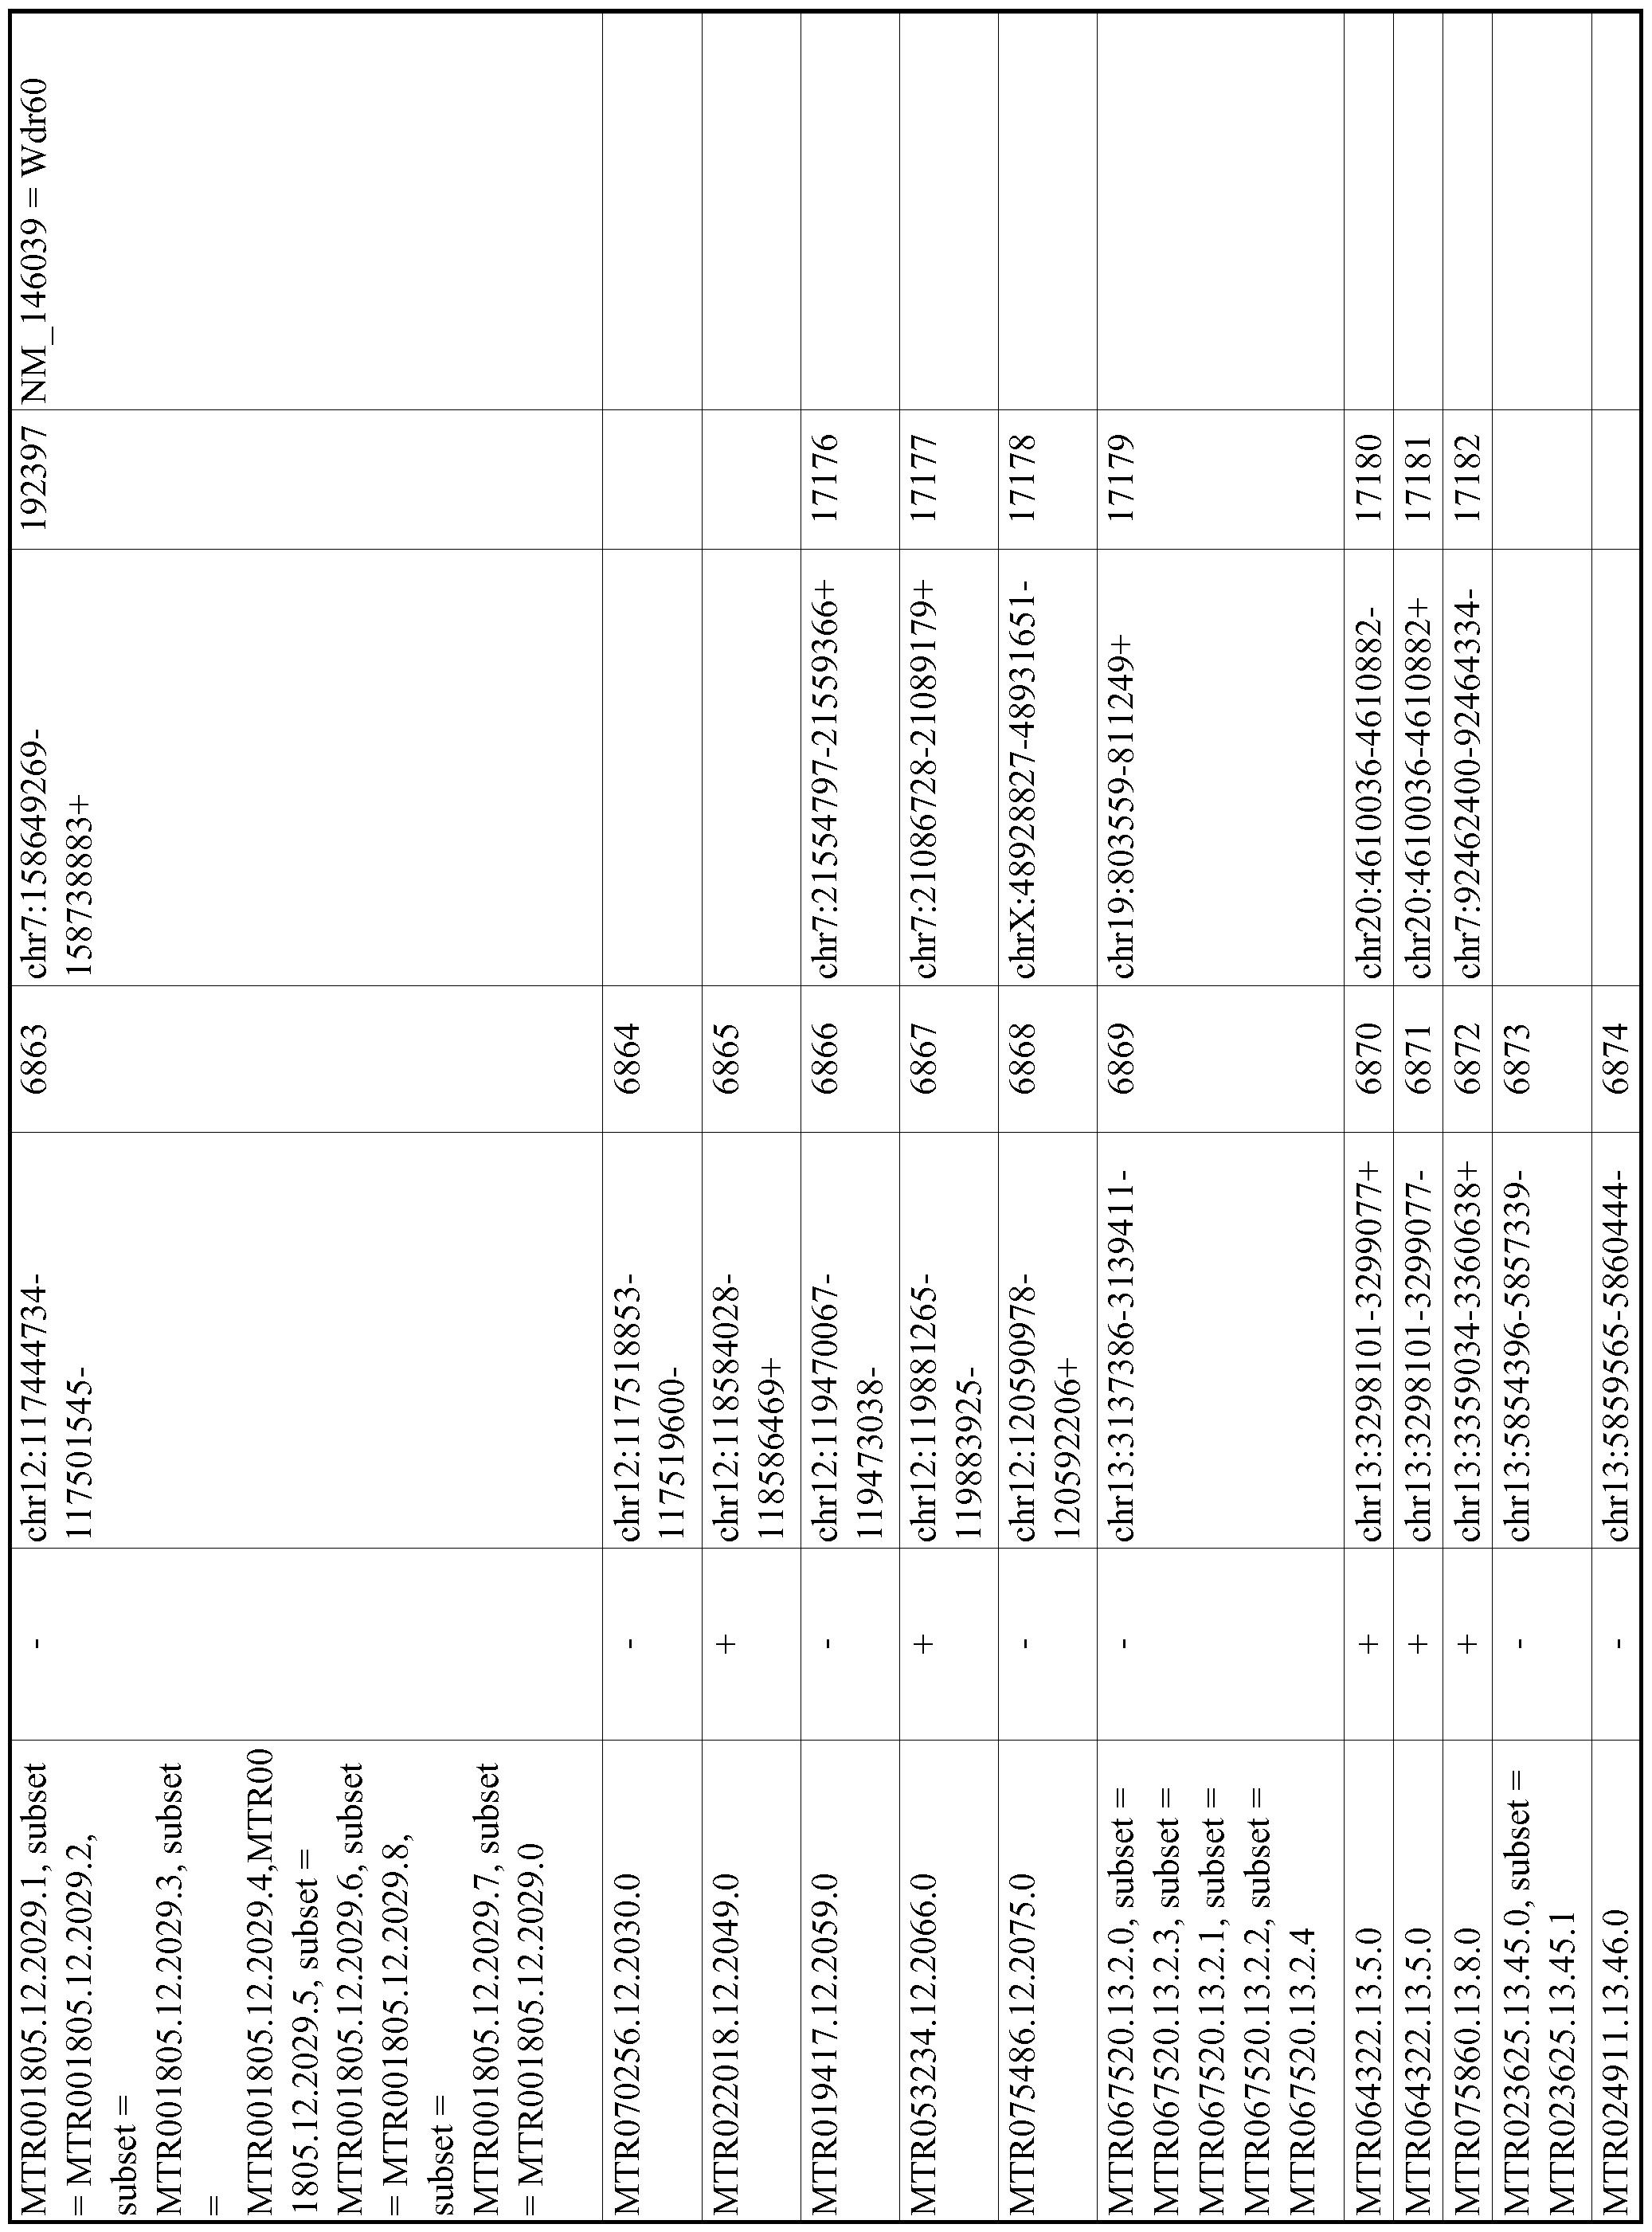 Figure imgf001220_0001